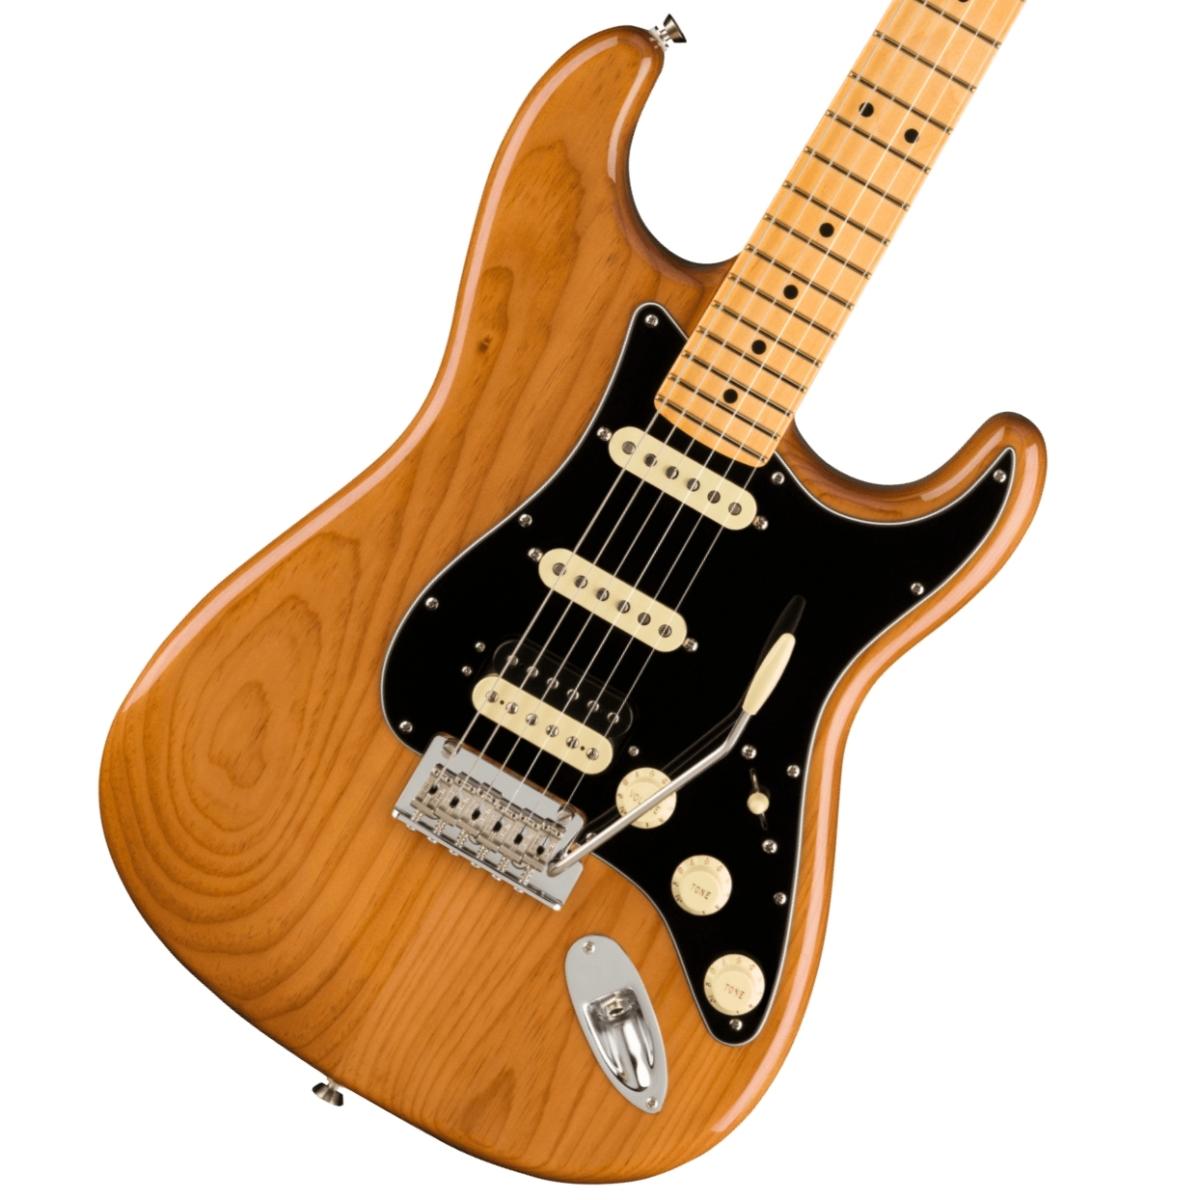 【別倉庫からの配送】 Fender/ American Professional II Stratocaster HSS Maple Fingerboard Roasted Pine フェンダー《純正ケーブル&ピック1ダースプレゼント!/+2306619444005》【YRK】《予約注文/納期別途ご案内》, Bたんママ大好き定番! 54747a7d